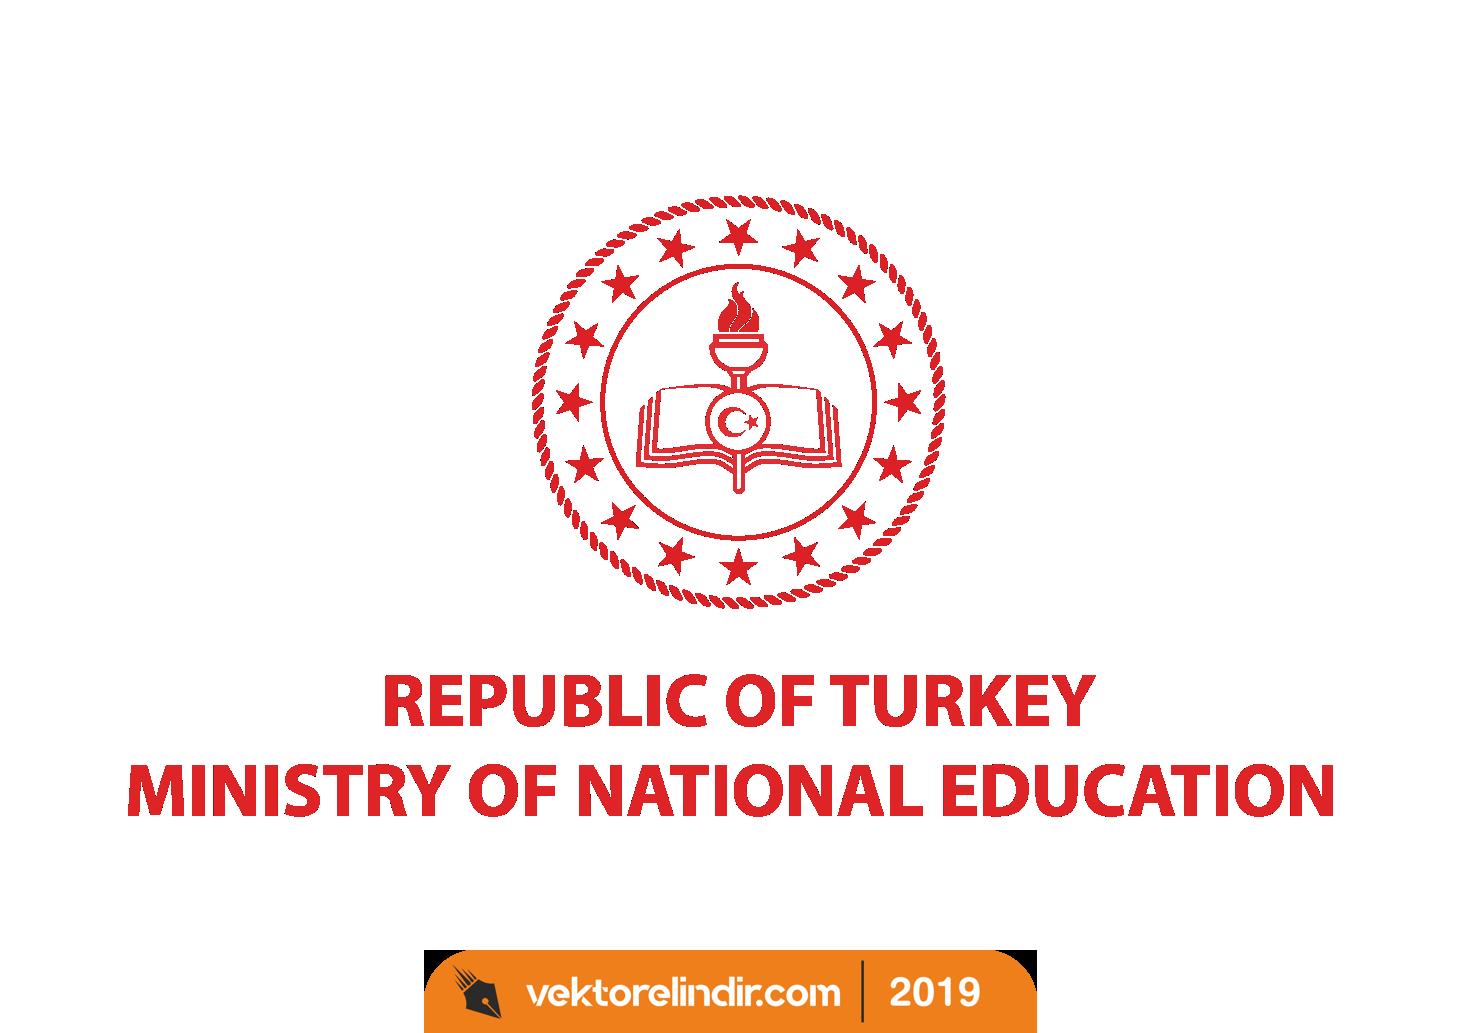 Tc. Milli Eğitim Bakanlığı Yeni Logo_Png_4